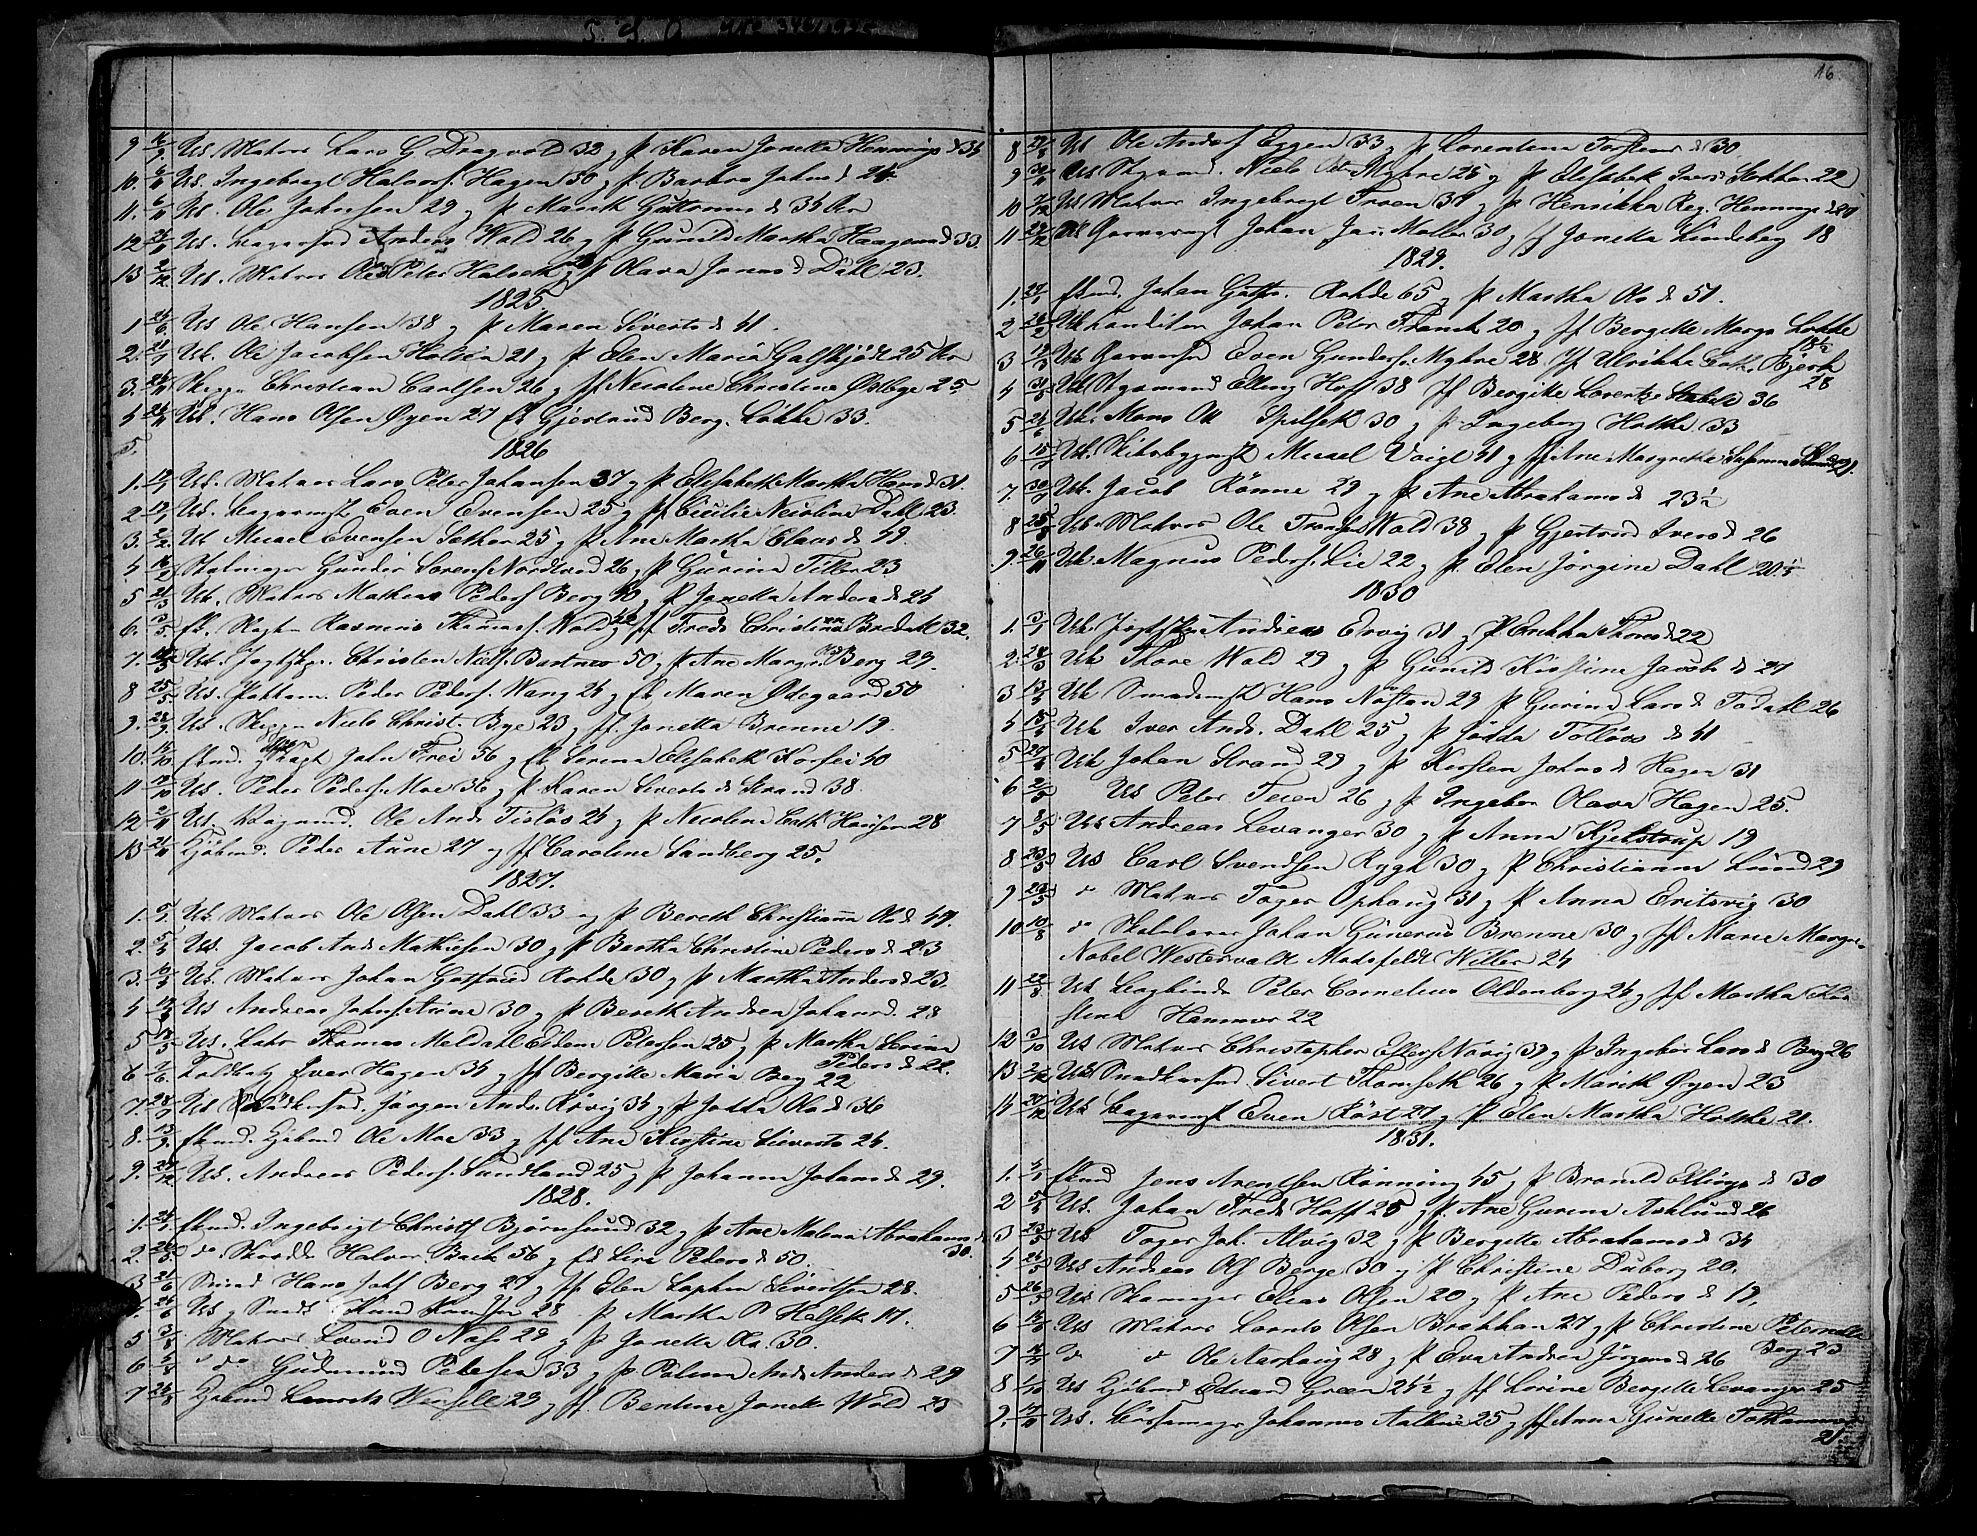 SAT, Ministerialprotokoller, klokkerbøker og fødselsregistre - Sør-Trøndelag, 604/L0182: Ministerialbok nr. 604A03, 1818-1850, s. 16